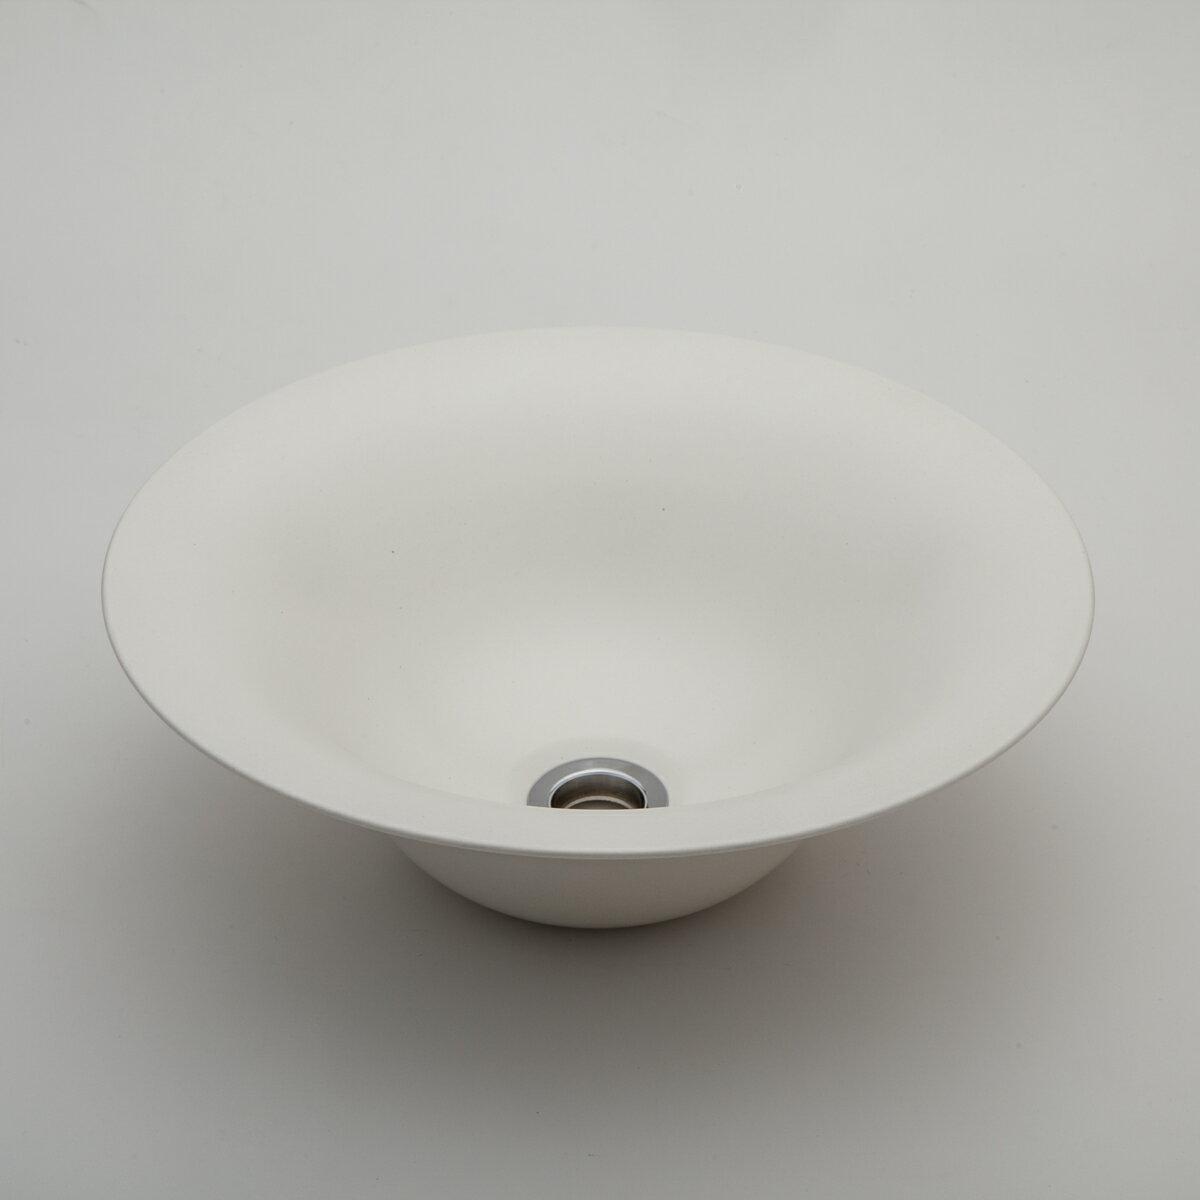 『カード対応OK!』###リラインス 置き型手洗器【LSM4-MO】(素白) (手洗器のみ) モノクロームシリーズ φ326 受注約2週間